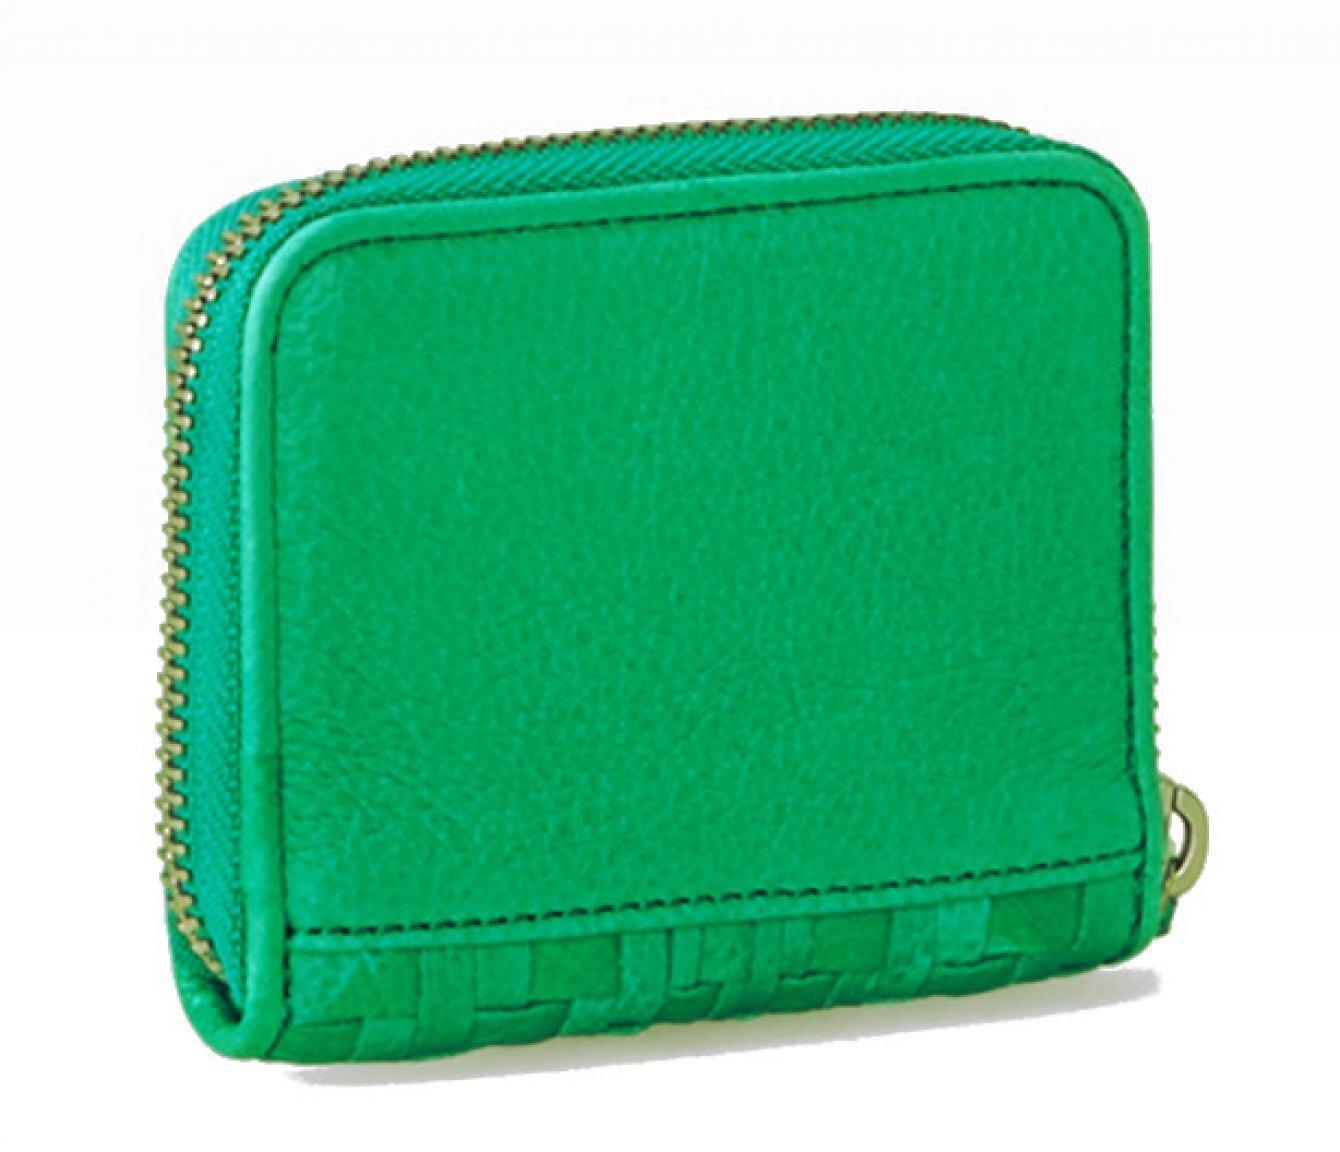 Liebeskind Damenbörse Etui DotS7 Flecht Palm Green